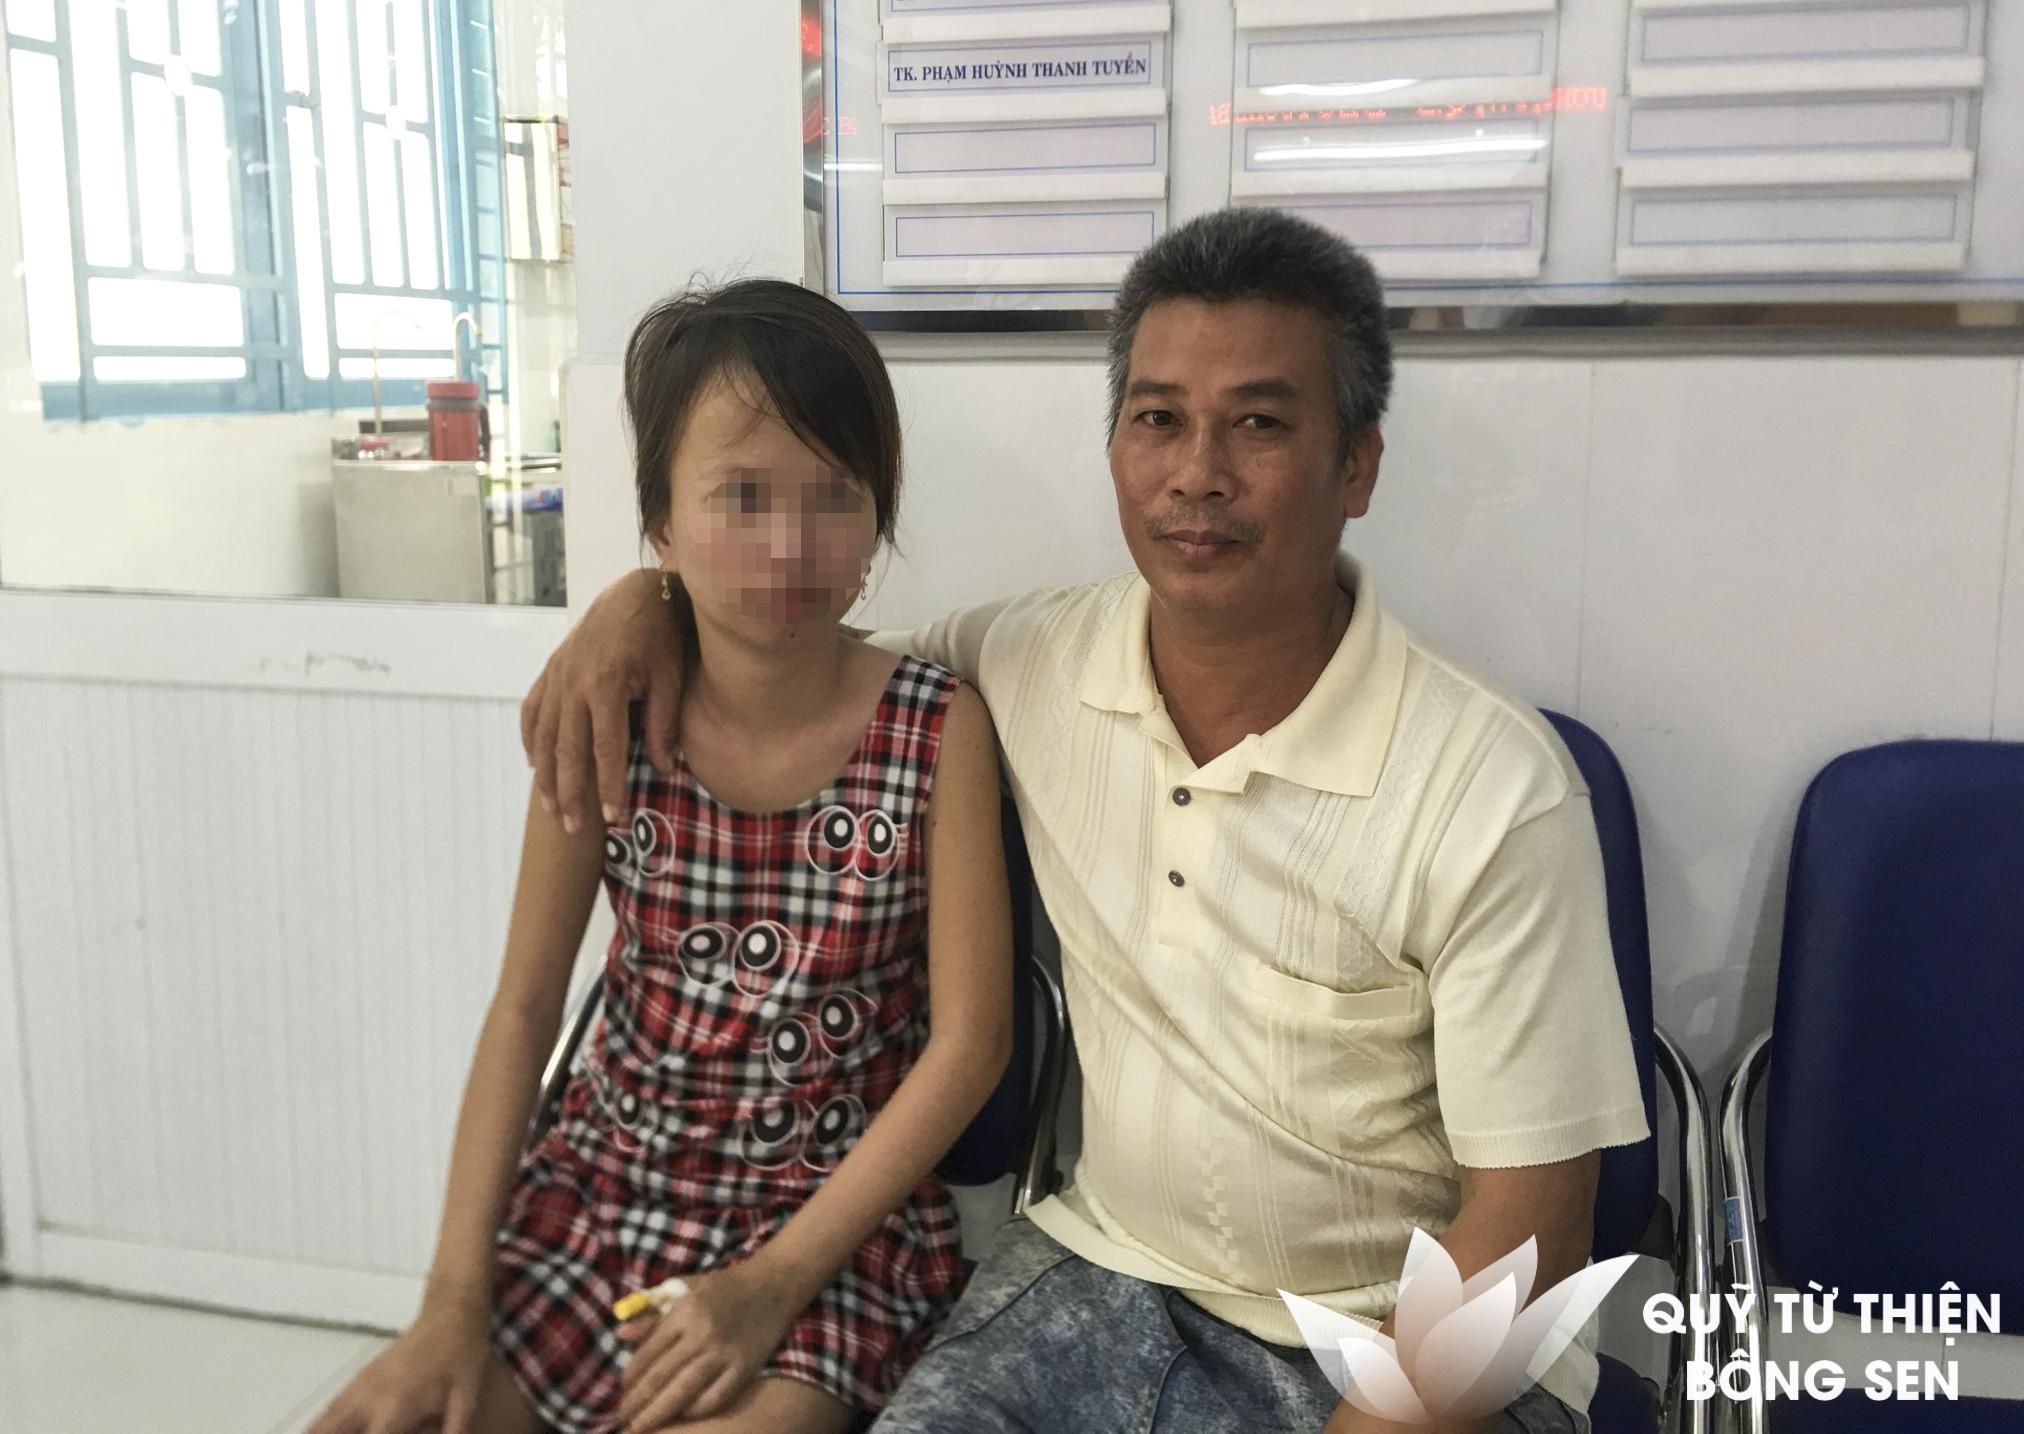 Kỳ 412:  Trần Thị Mỹ Hạnh (sinh năm 2004) quê Tiền Giang, lupus ban đỏ, hỗ trợ 10 triệu đồng ngày 16/05/2019